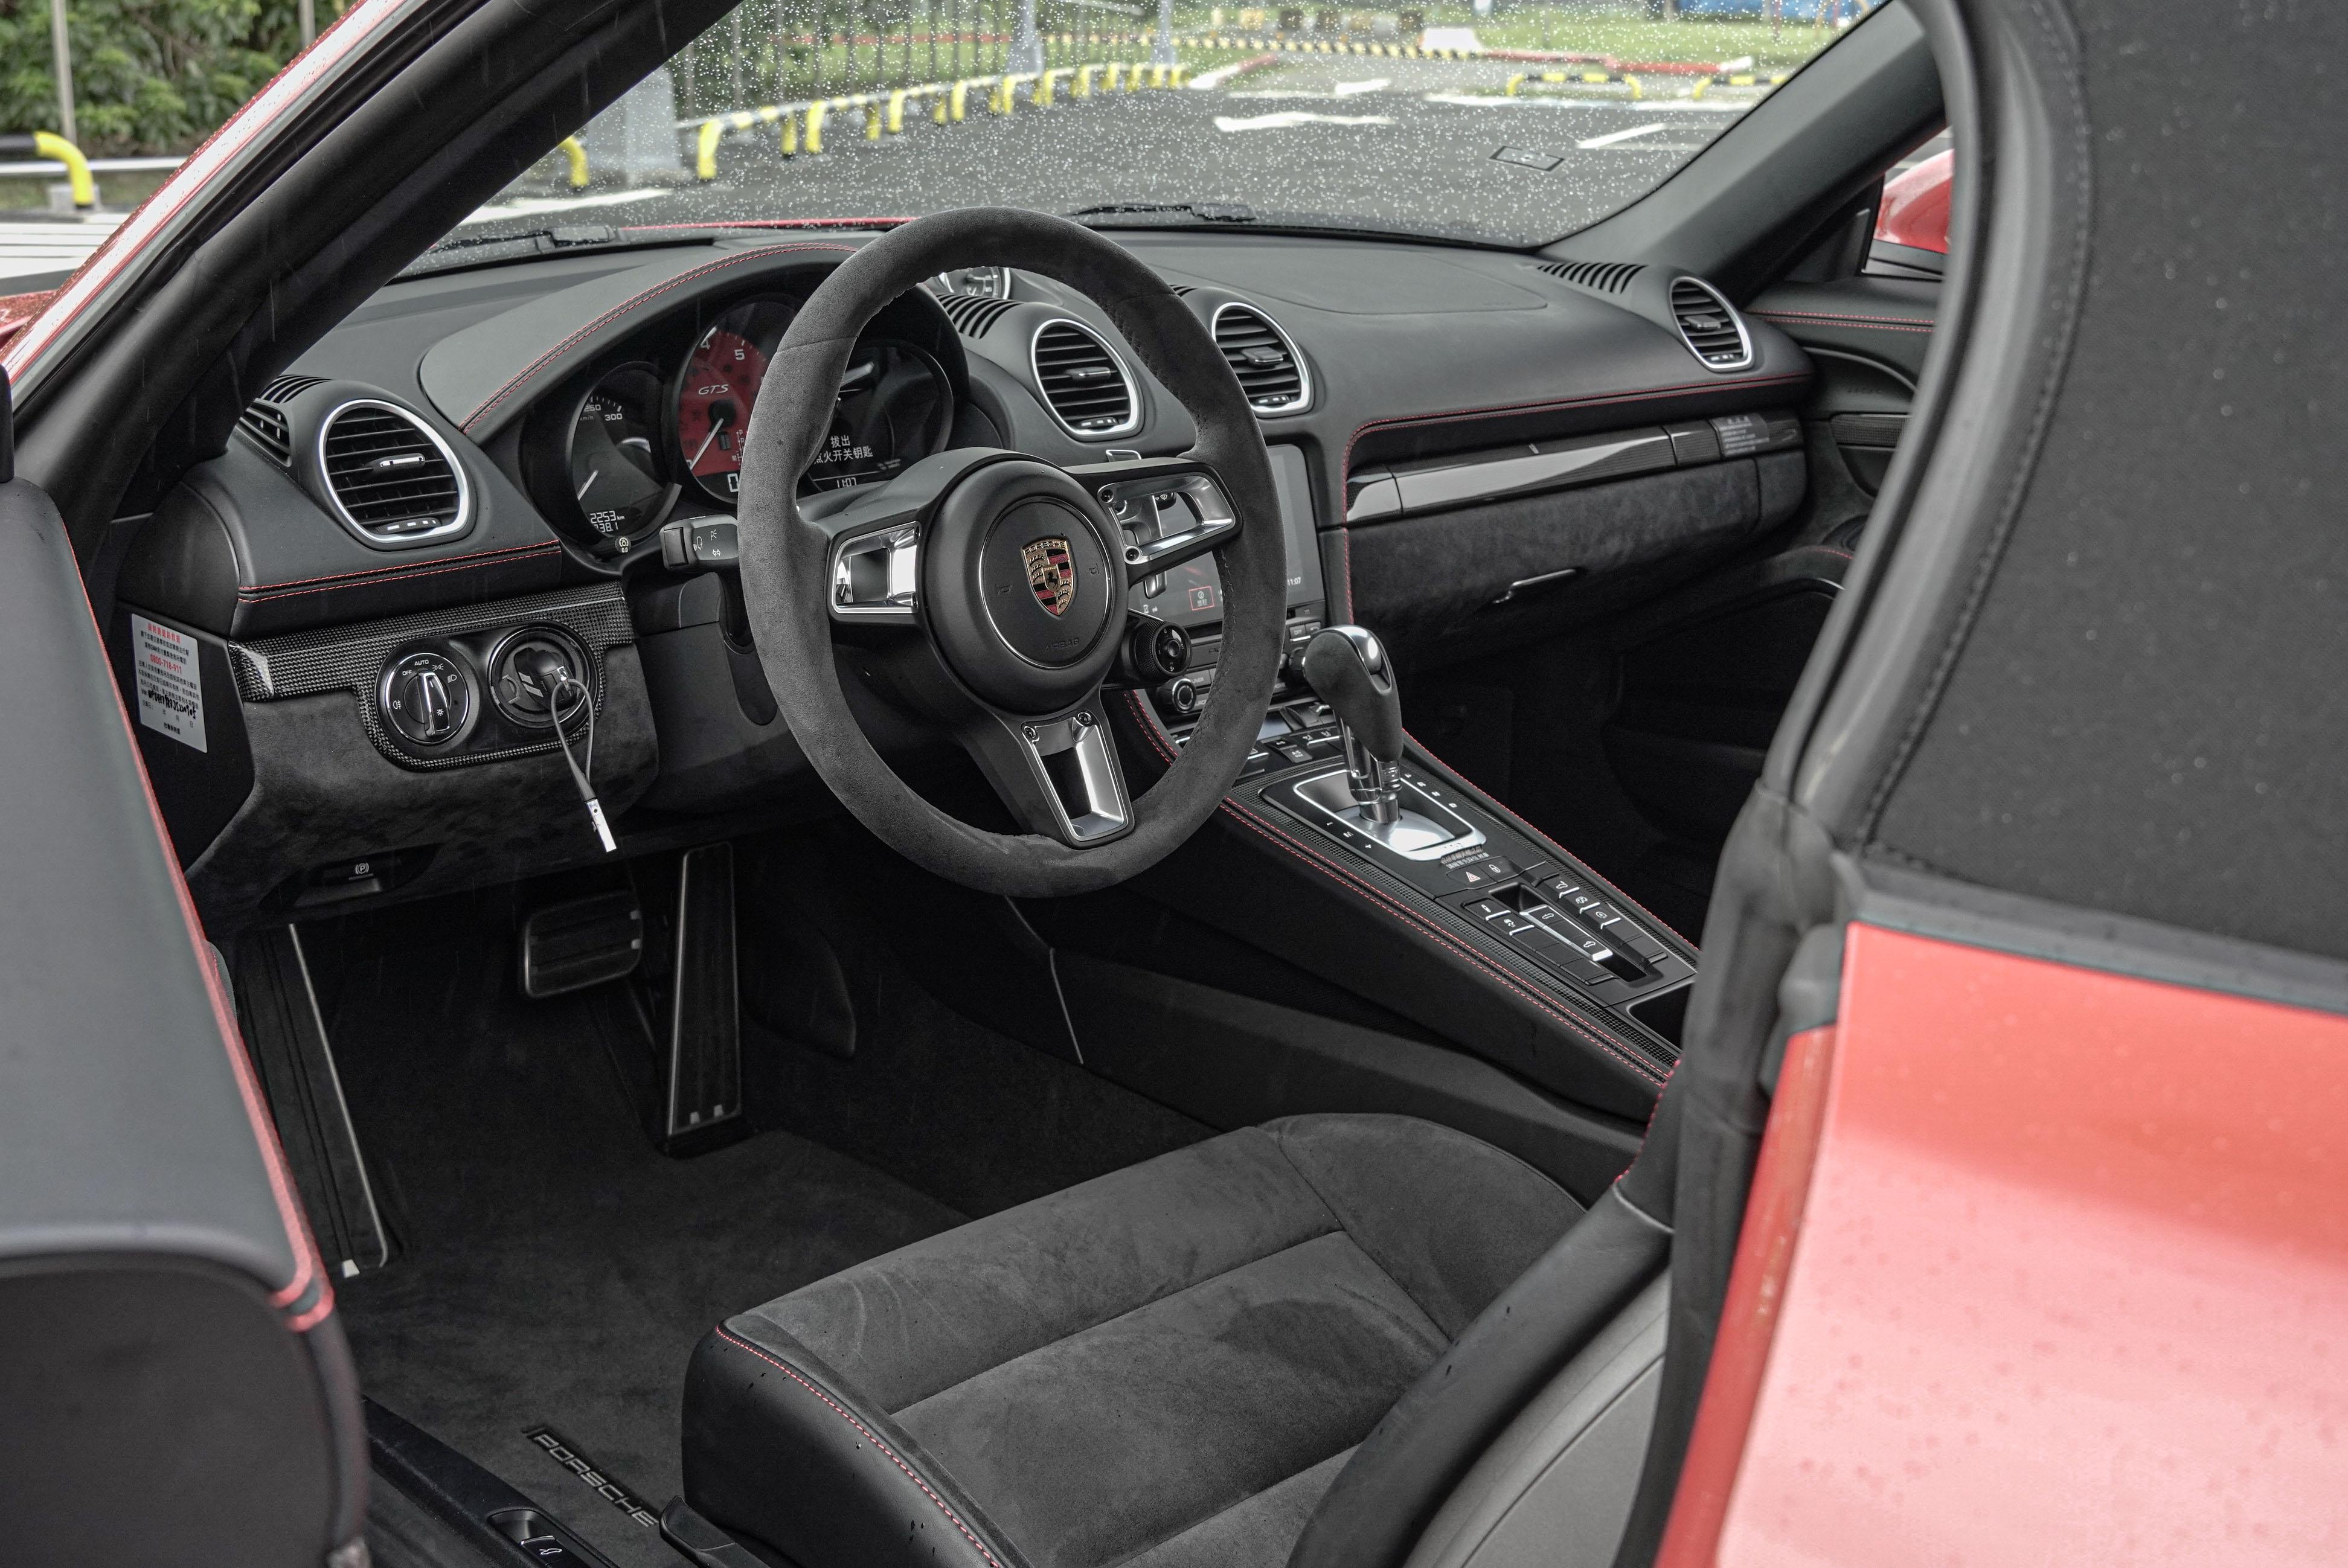 方向盤左側的引擎鑰匙插槽是 Porsche 的經典配置。